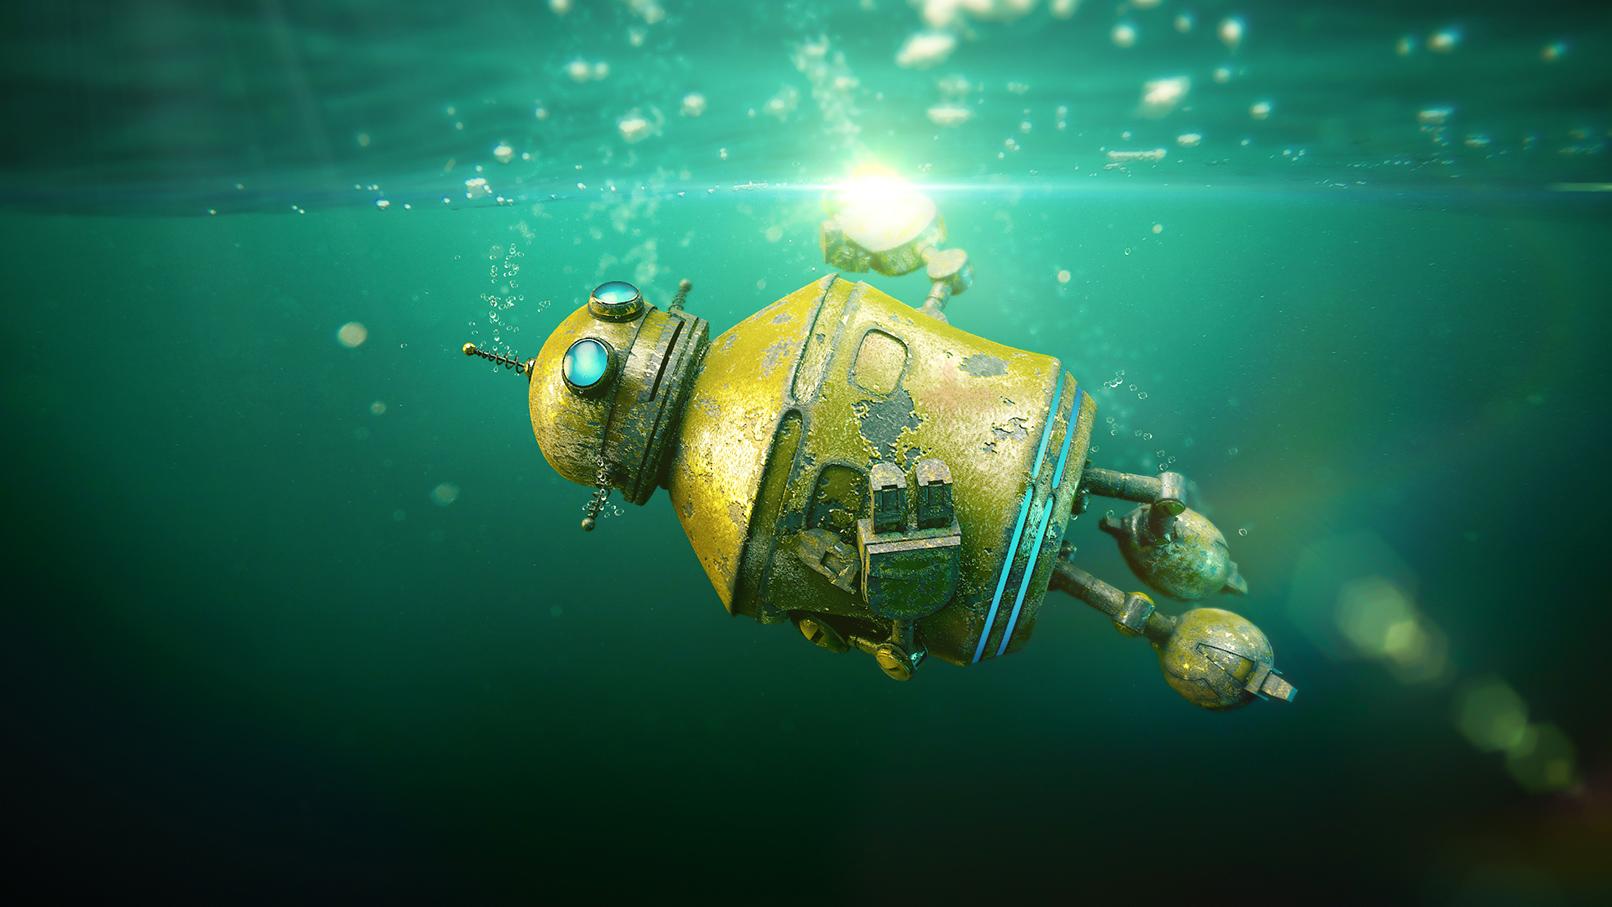 Roboter unter Wasser, zeigt Anwendung eines Metall-Shaders in einer Szene.